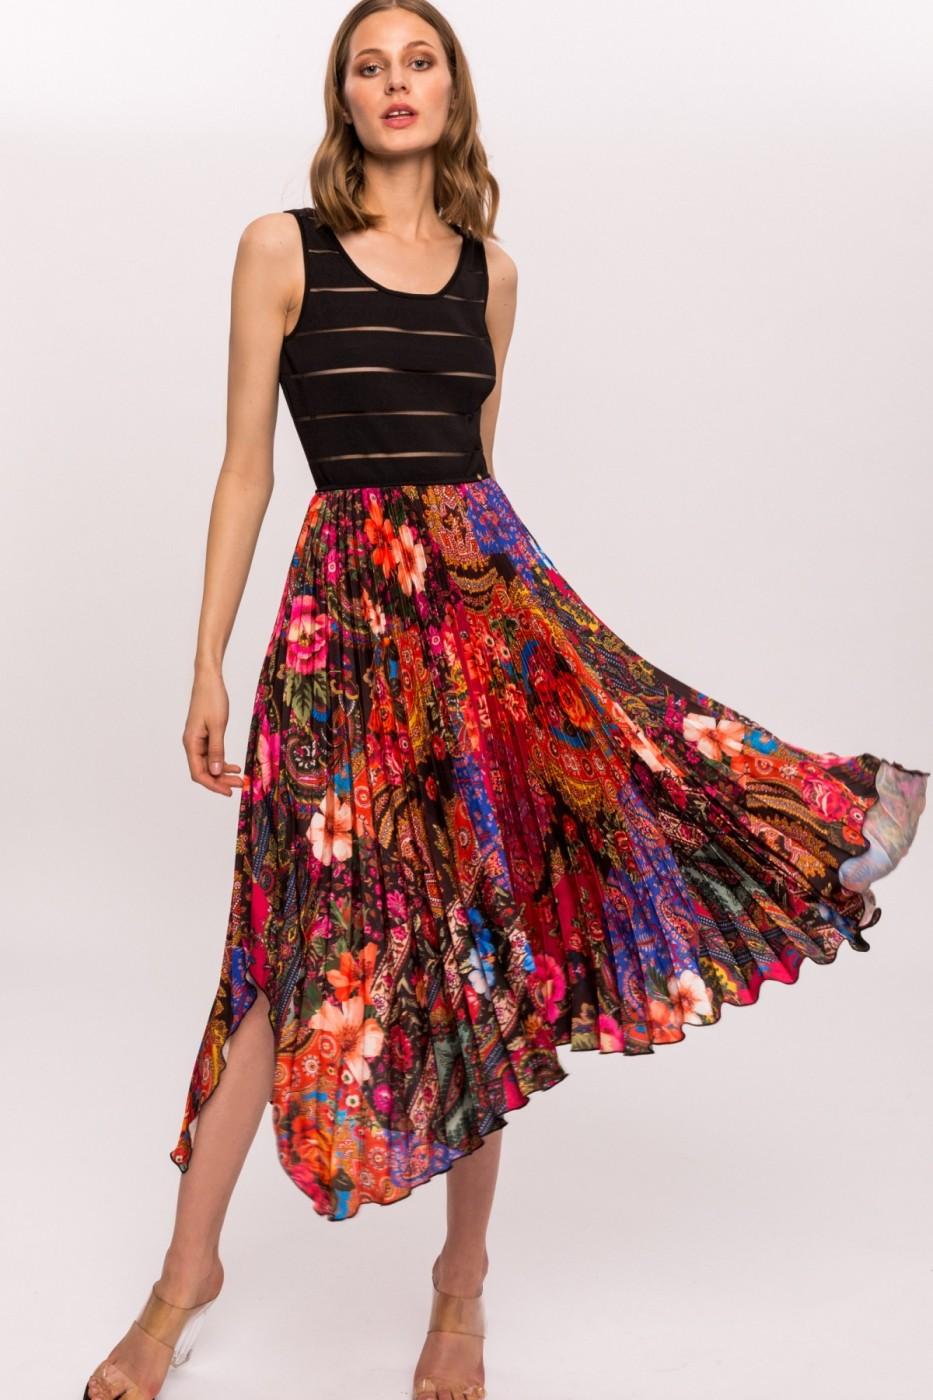 Rochie Nissa, 604,00 RON, Fashion Up!